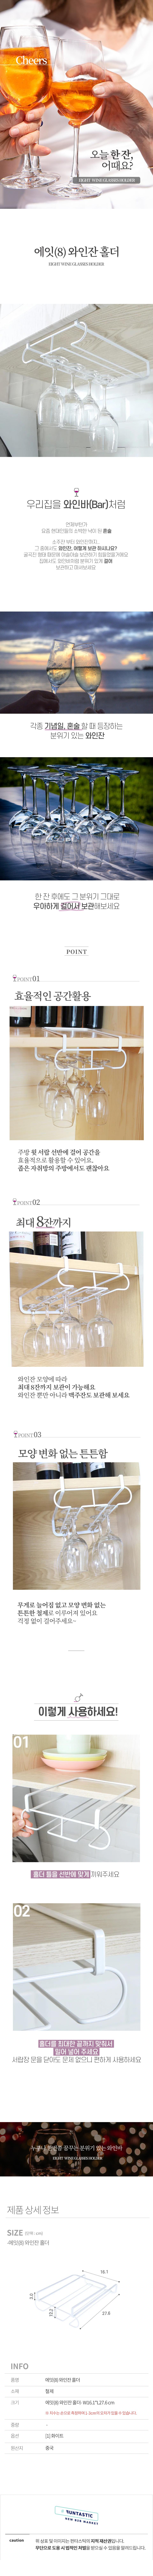 걸어쓰는 언더선반 2단 와인잔 거치대 걸이 - 옐로우랩, 11,900원, 와인용품, 와인거치대